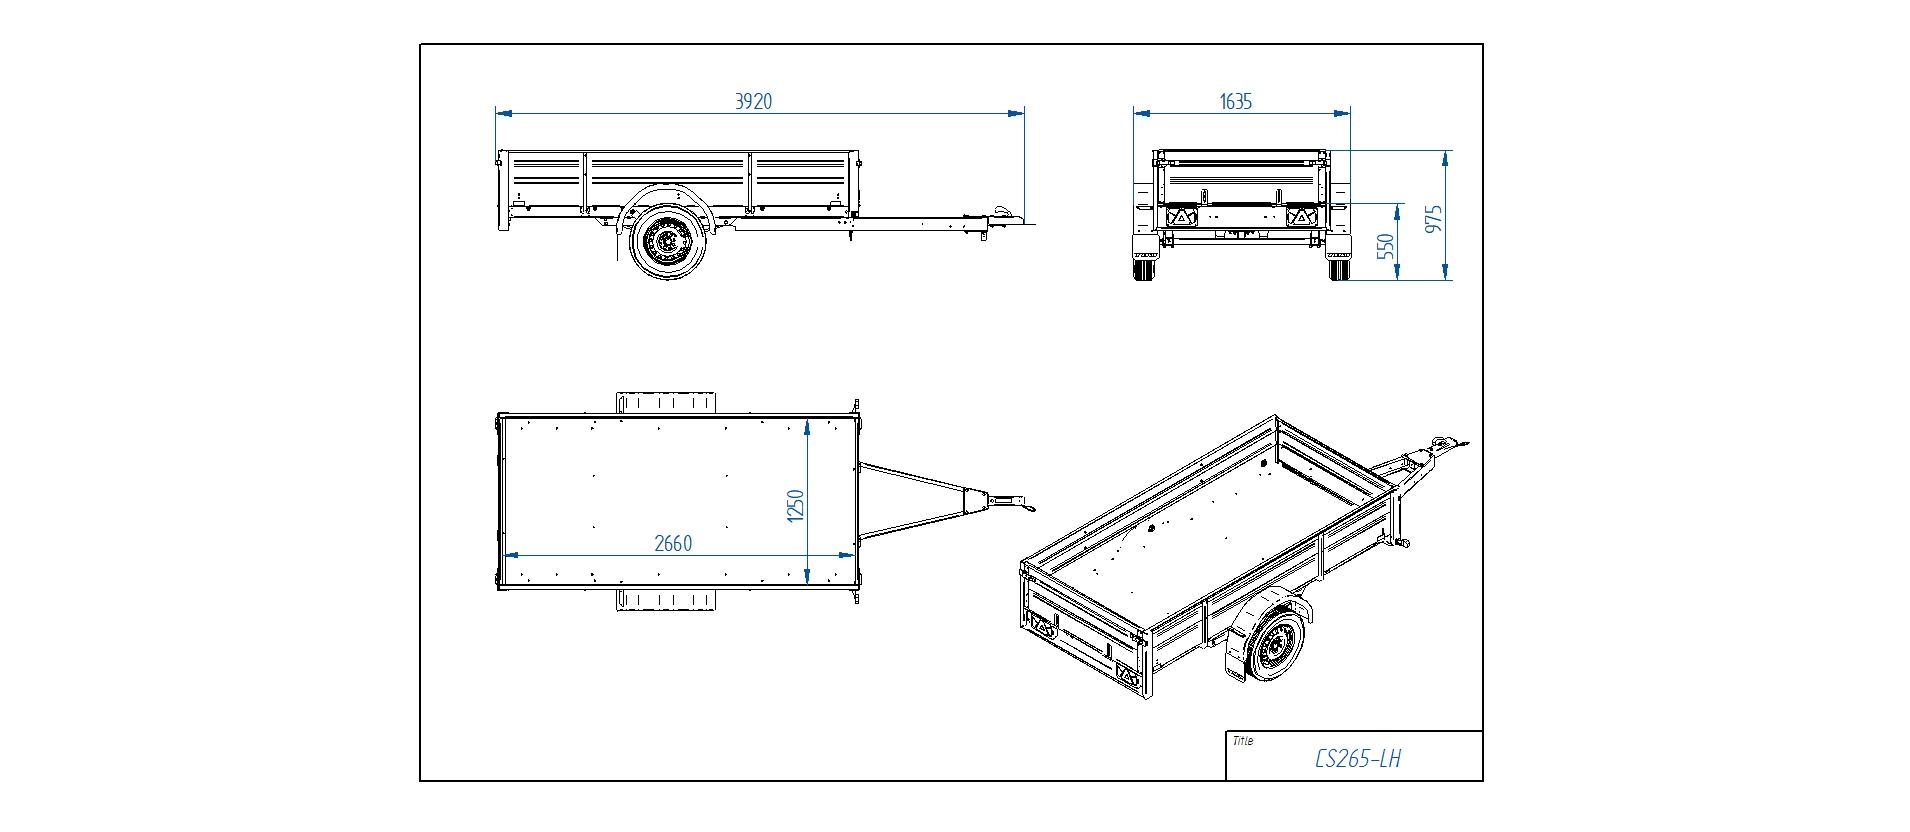 CS265-LH [Priekabų standartinė įranga gali skirtis nuo pavaizduotos komplektacijos paveiksliuke]